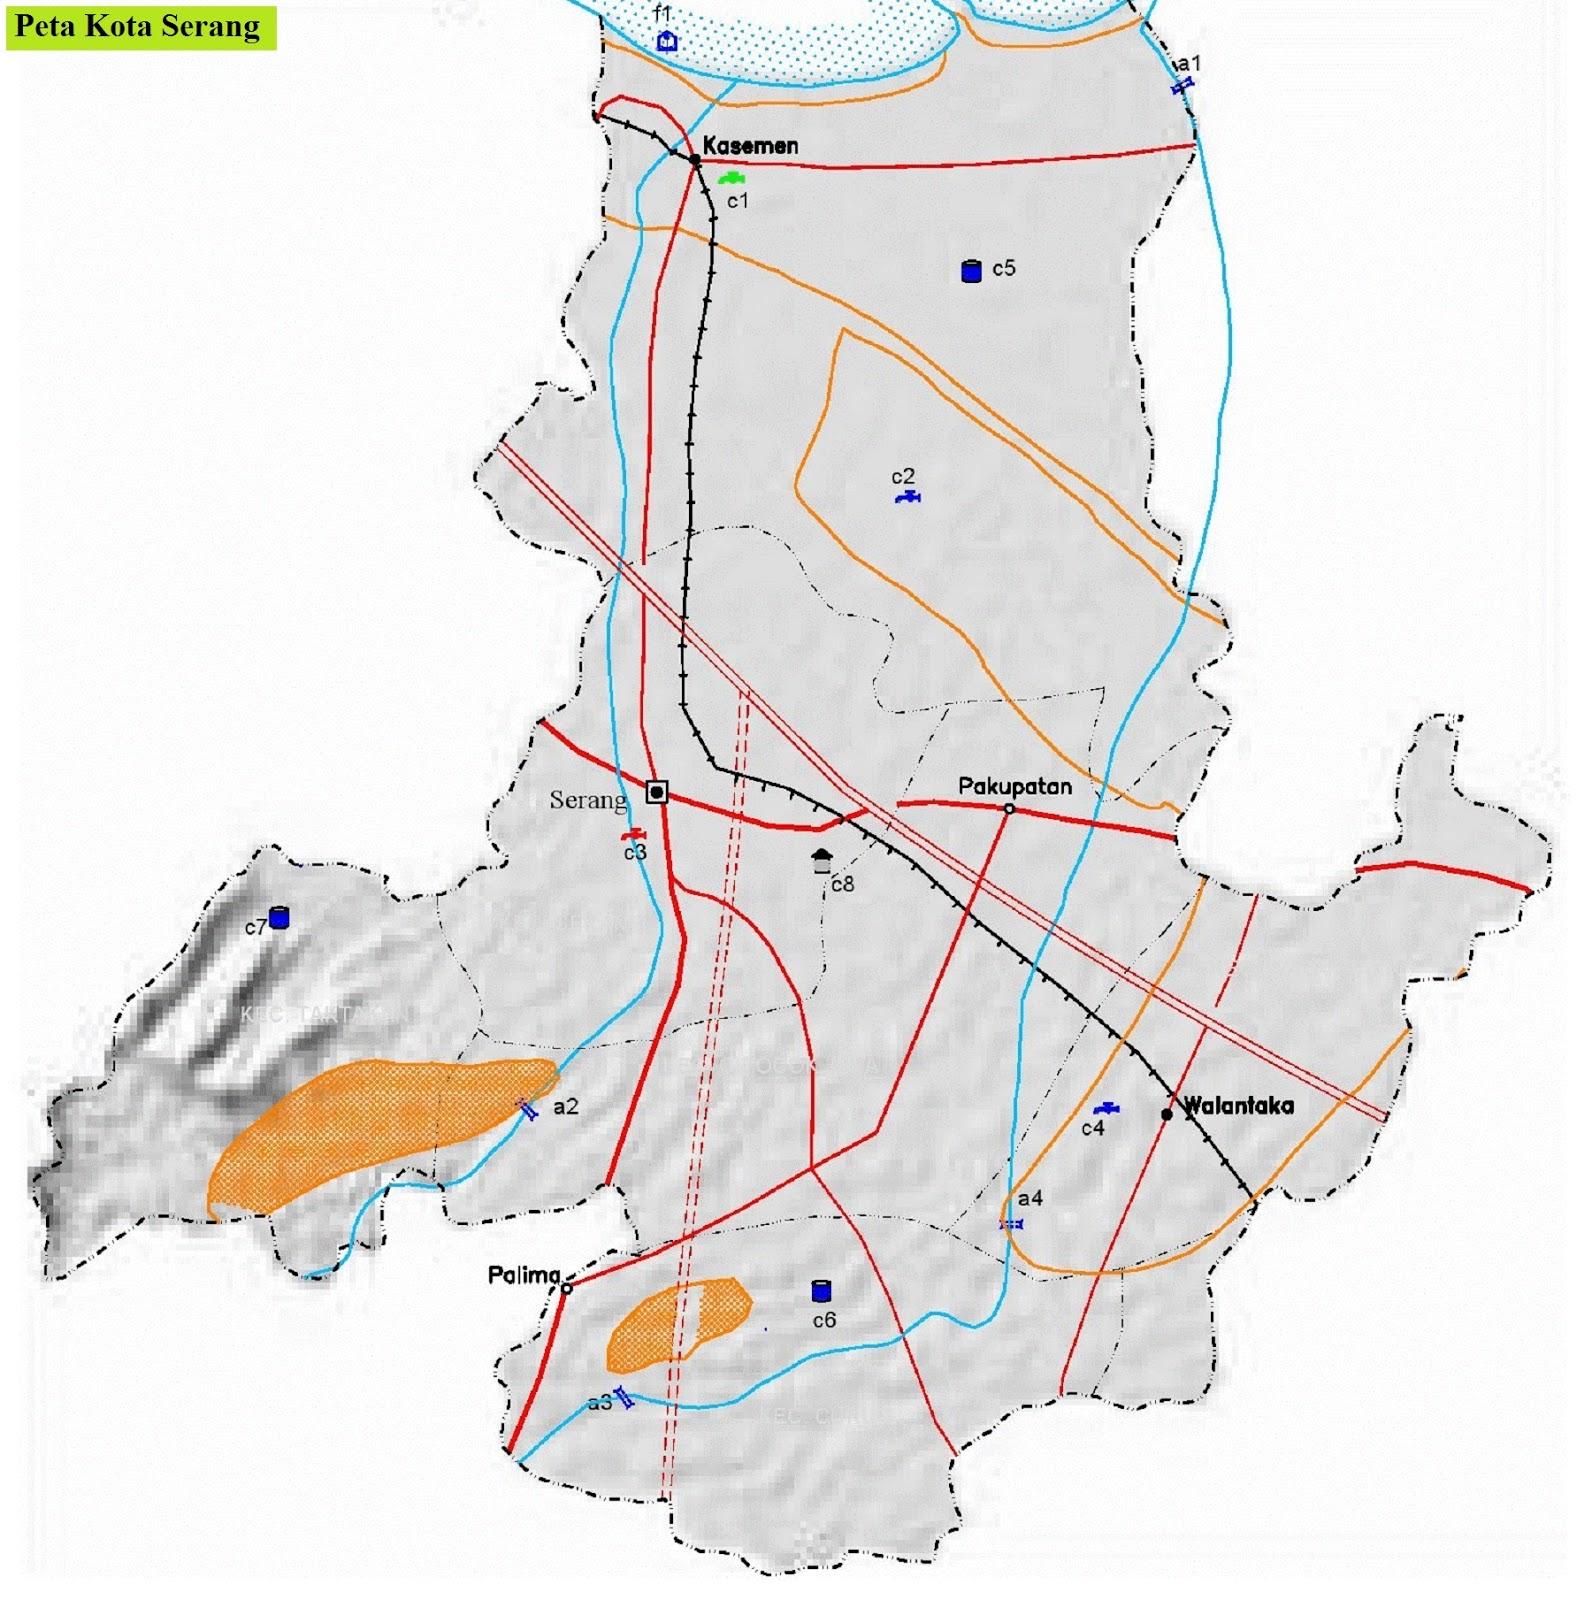 Peta Jalan di Kota Serang